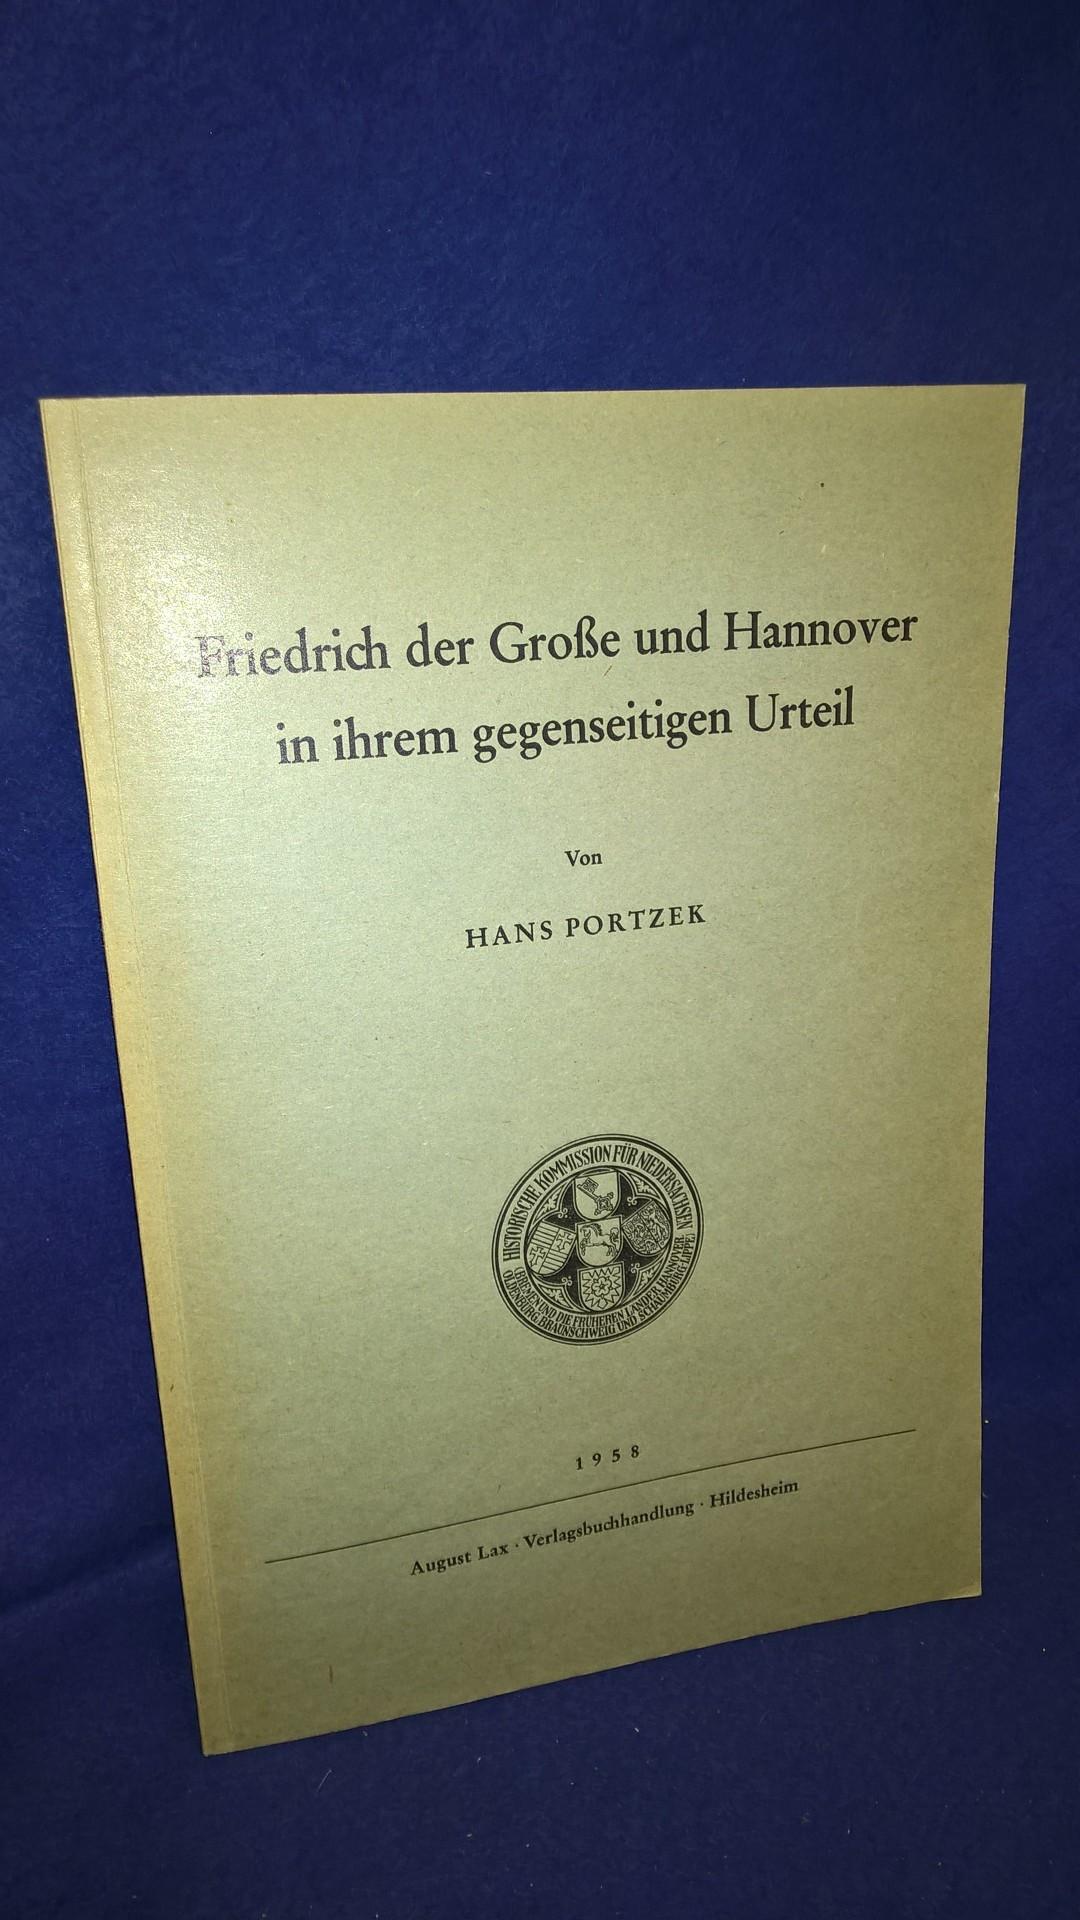 Friedrich der Große und Hannover in ihrem gegenseitigen Urteil.